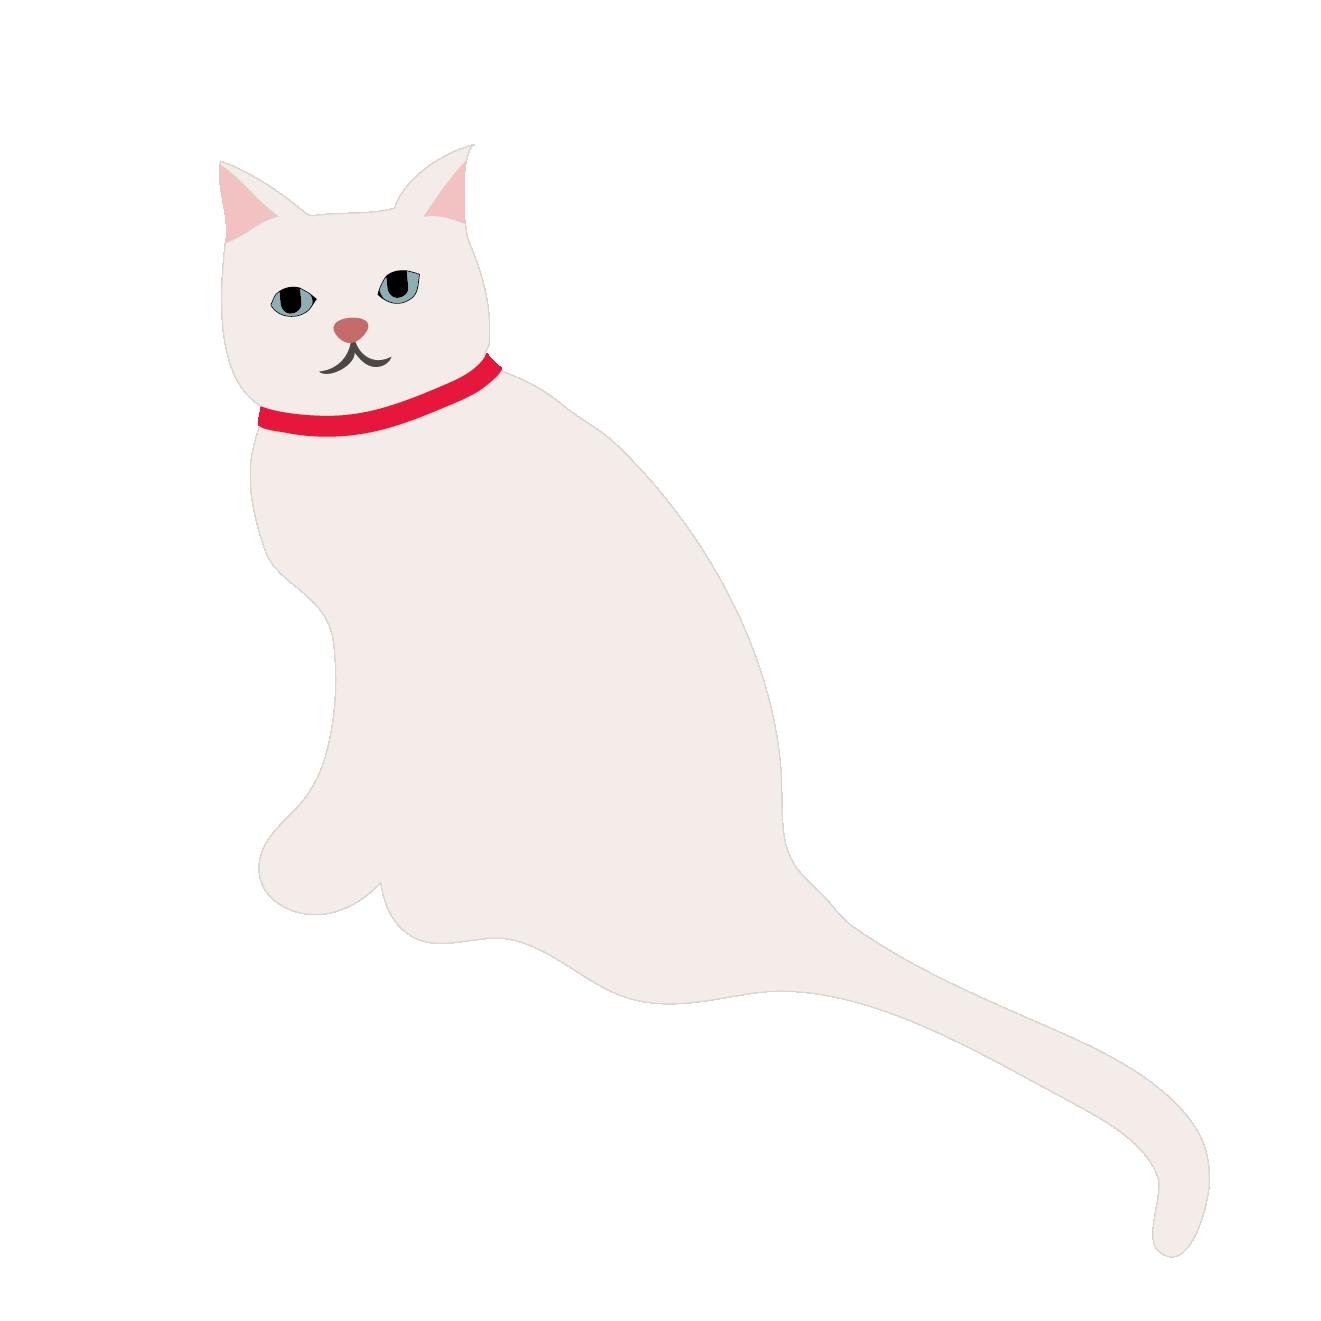 白猫(ホワイトキャット)のイラスト | 商用フリー(無料)のイラスト